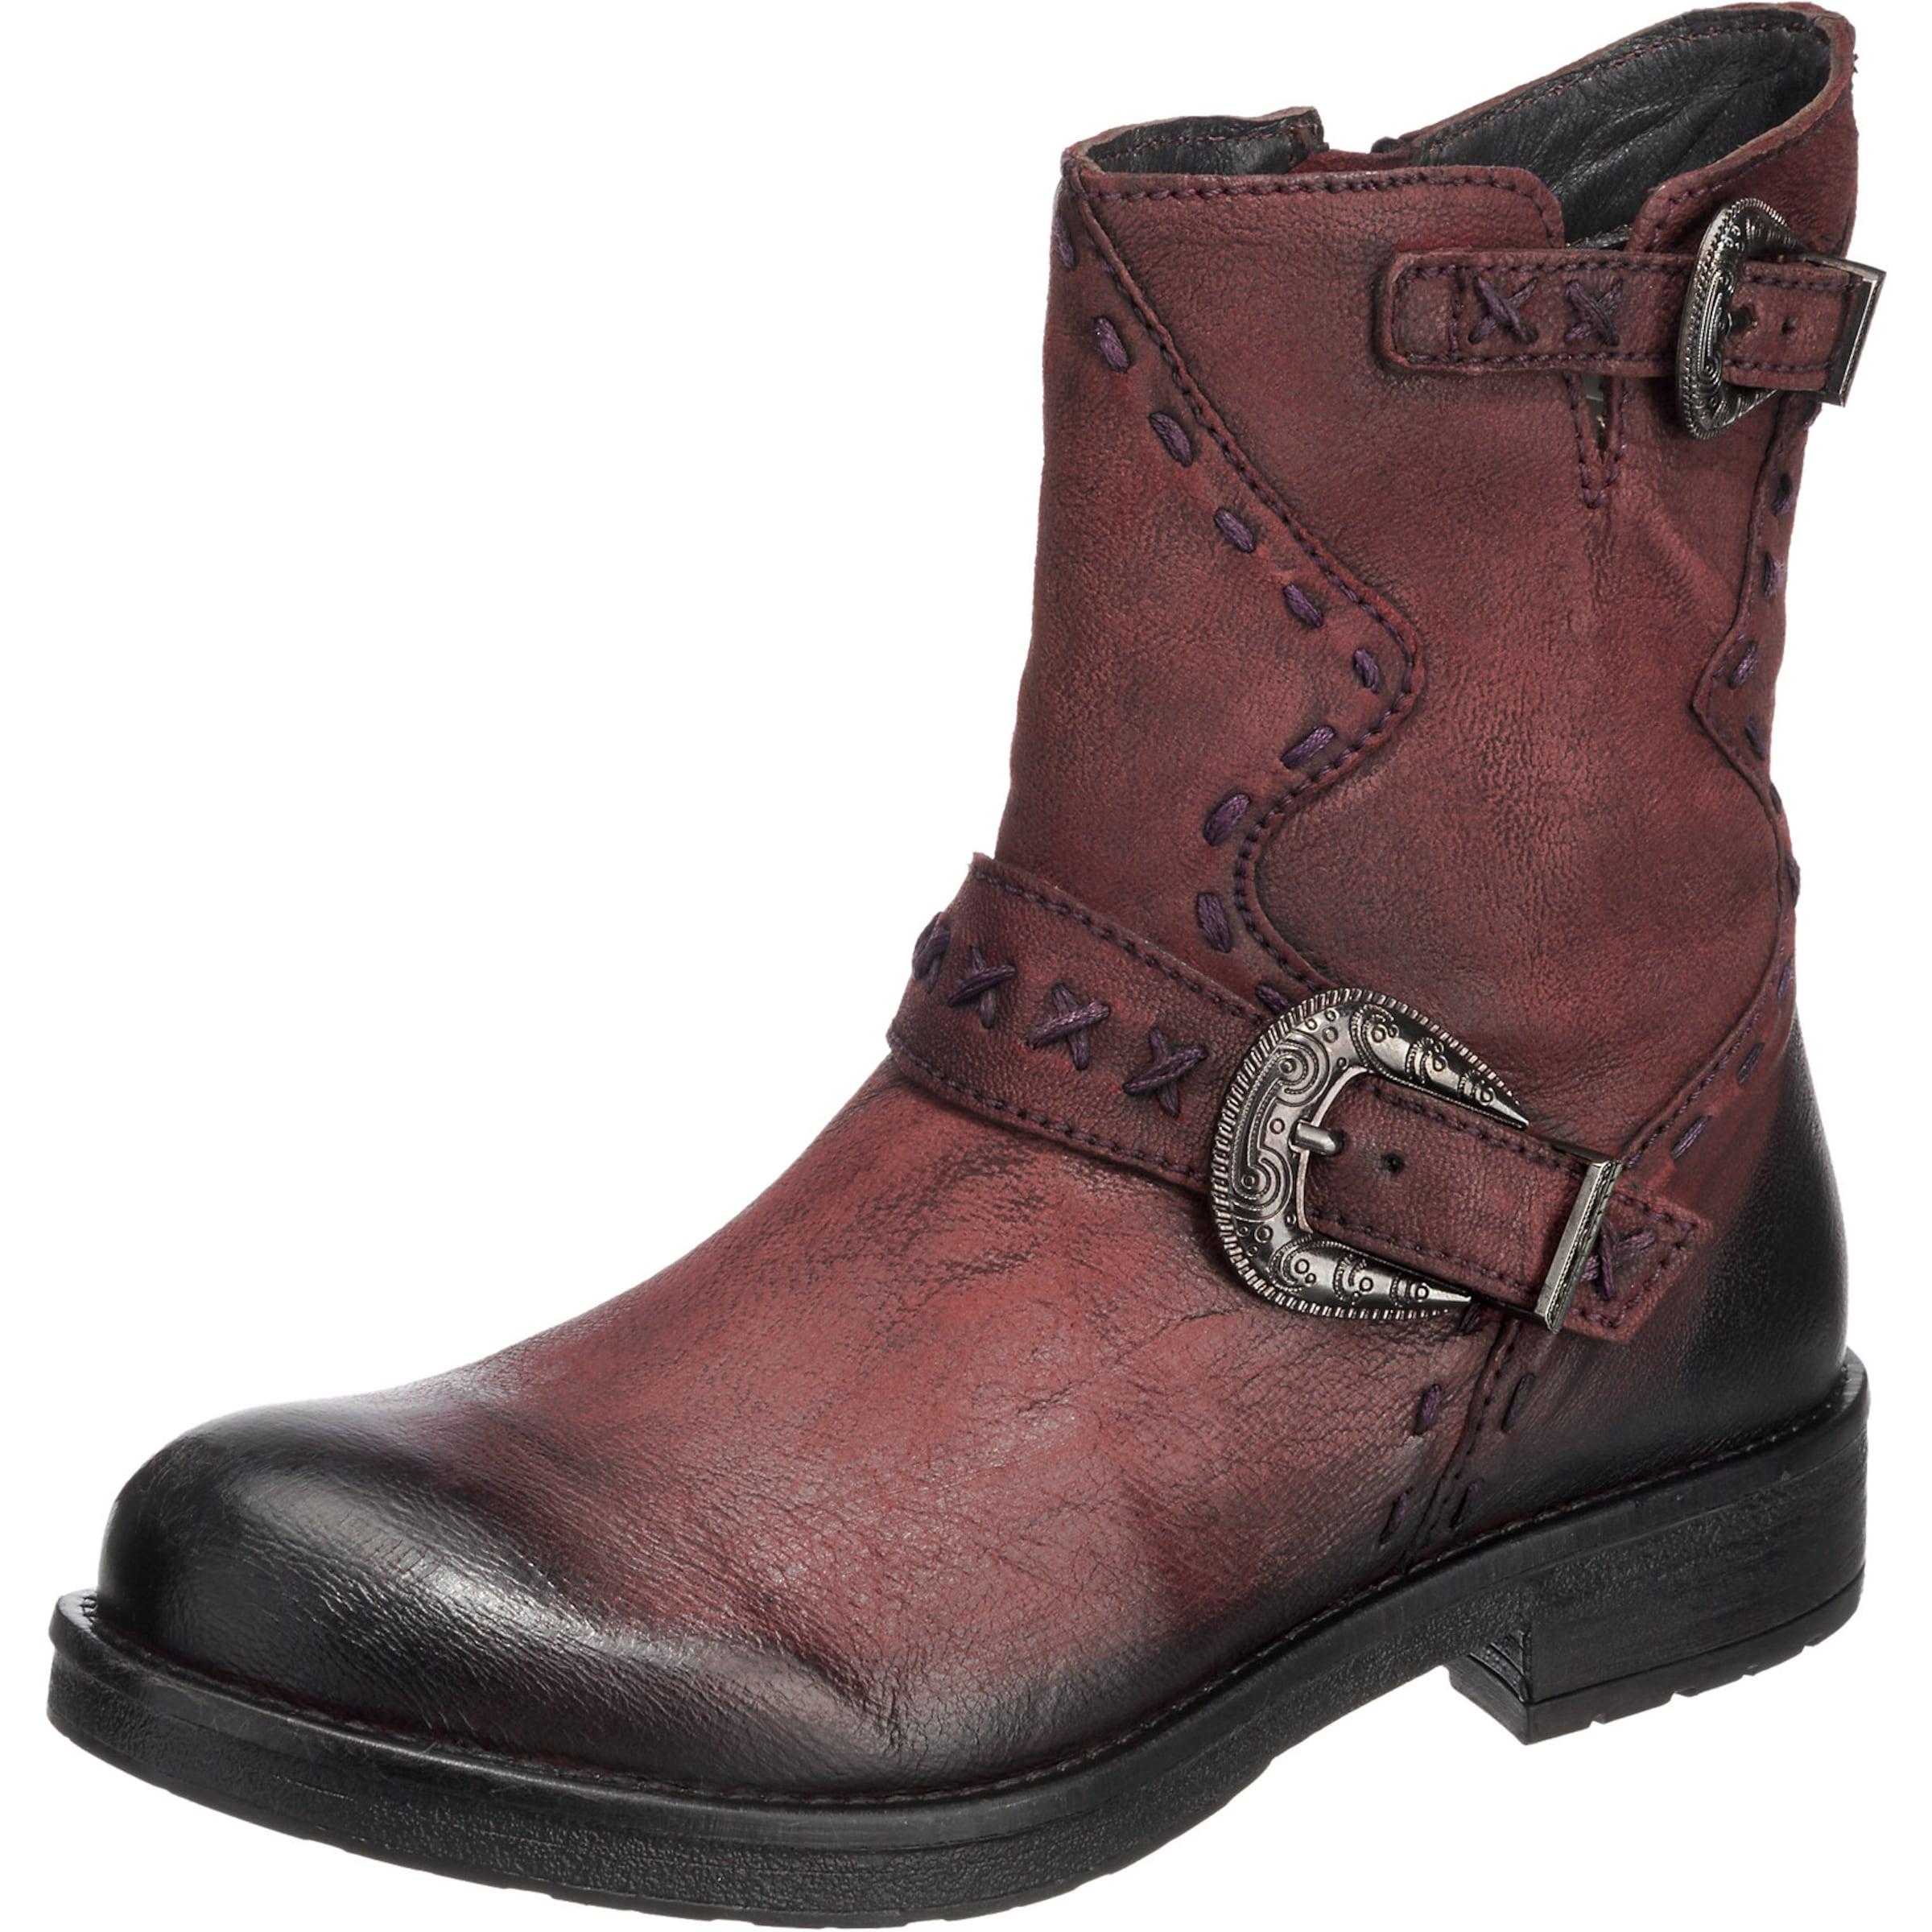 INUOVO Stiefeletten Verschleißfeste billige Schuhe Hohe Qualität